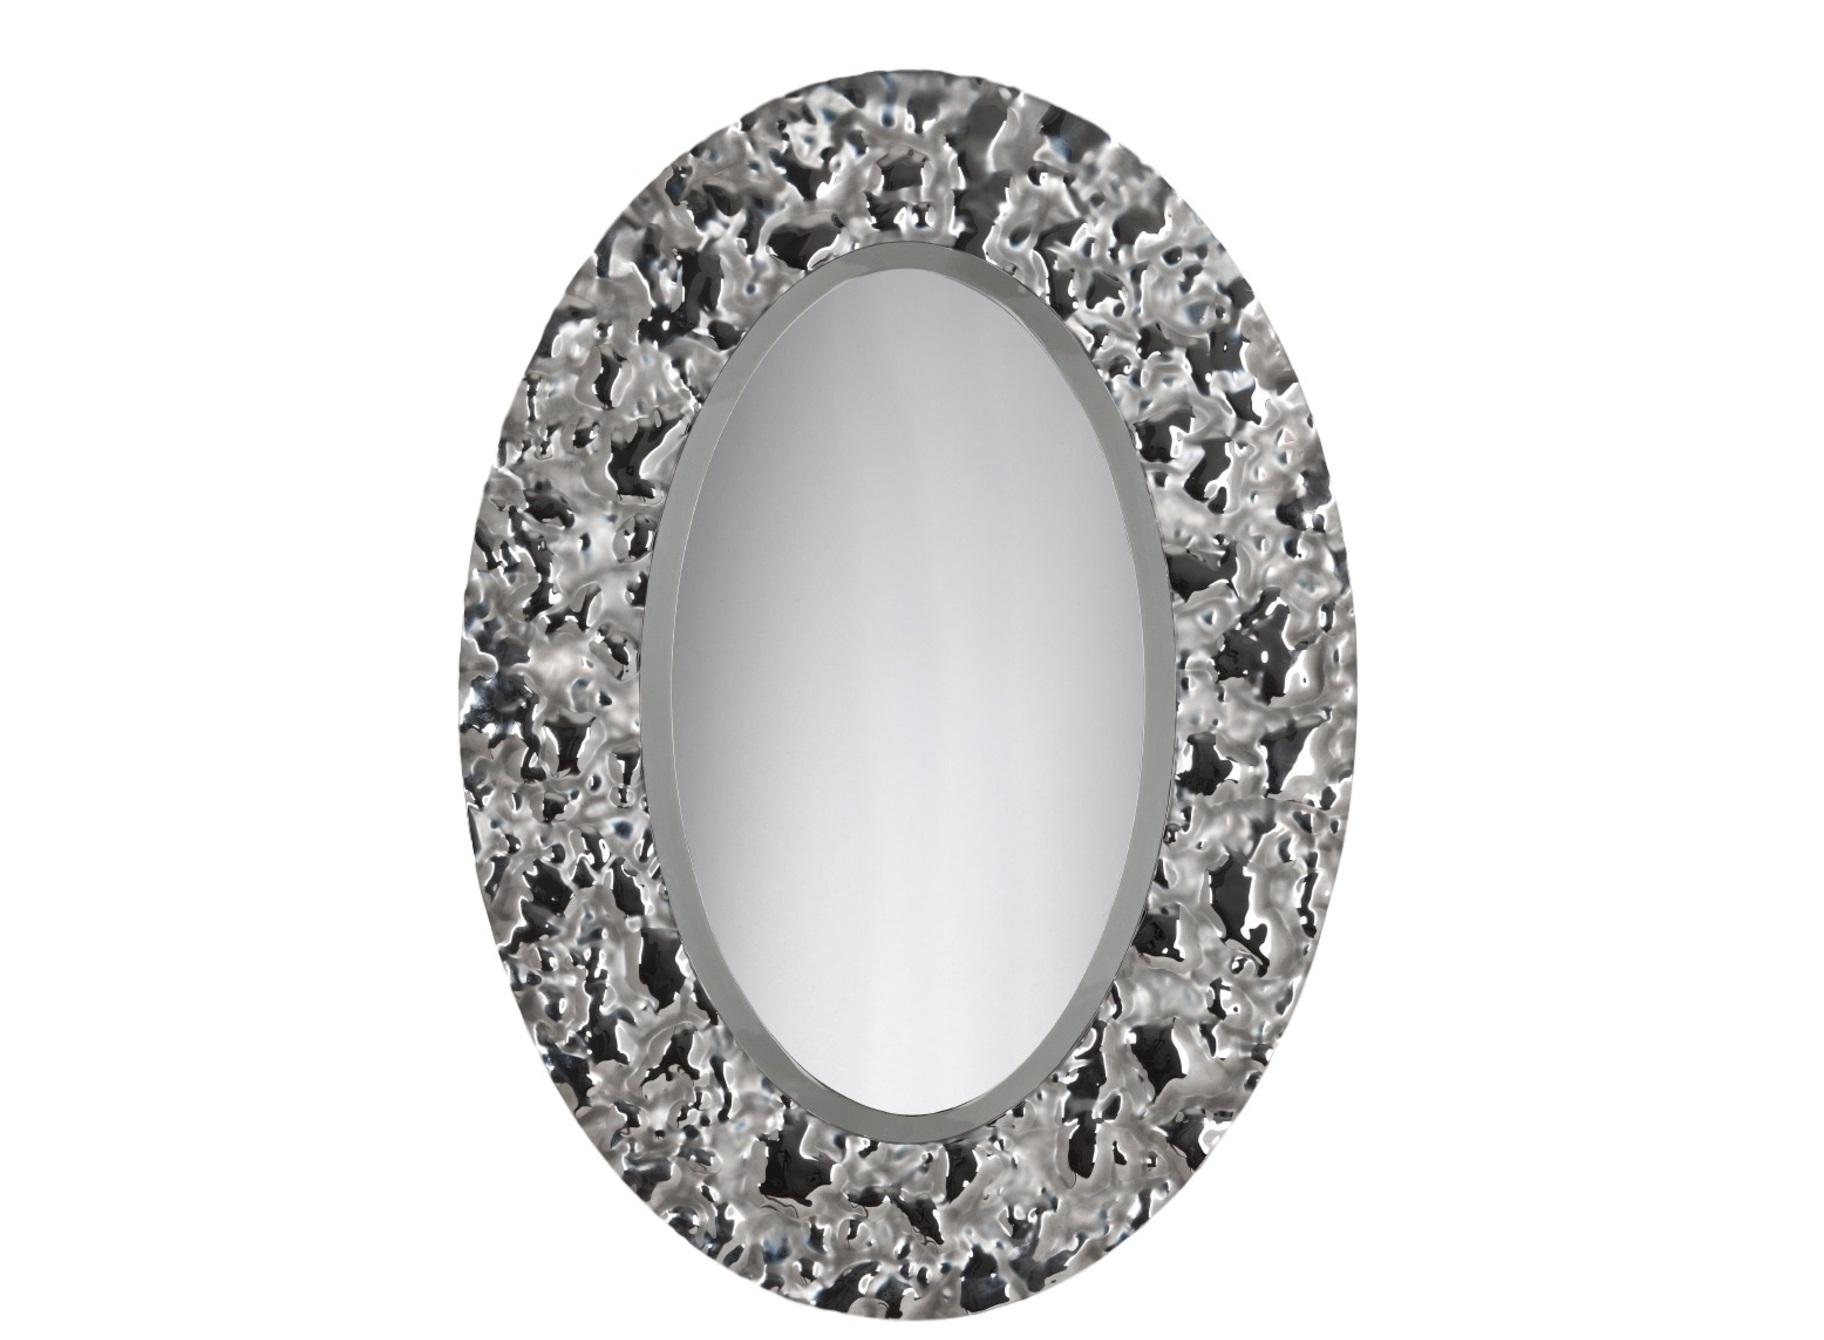 Зеркало Эллипс VentoНастенные зеркала<br>Застывшее мгновение вечности. Зеркало Эллипс так прекрасно, что перехватывает дух. Солнечные лучи, искусственное освещение – любой свет, попадающий на поверхность обрамления эллипса, создает неповторимую игру бликов. Настоящий танец света.  Обрамление зеркала имитирует поверхность воды на ветру, застывшую на долю секунды .  Зеркало в собранном виде и в комплекте есть крепления.<br><br>Material: Стекло<br>Length см: None<br>Width см: 75.5<br>Depth см: 5<br>Height см: 104.5